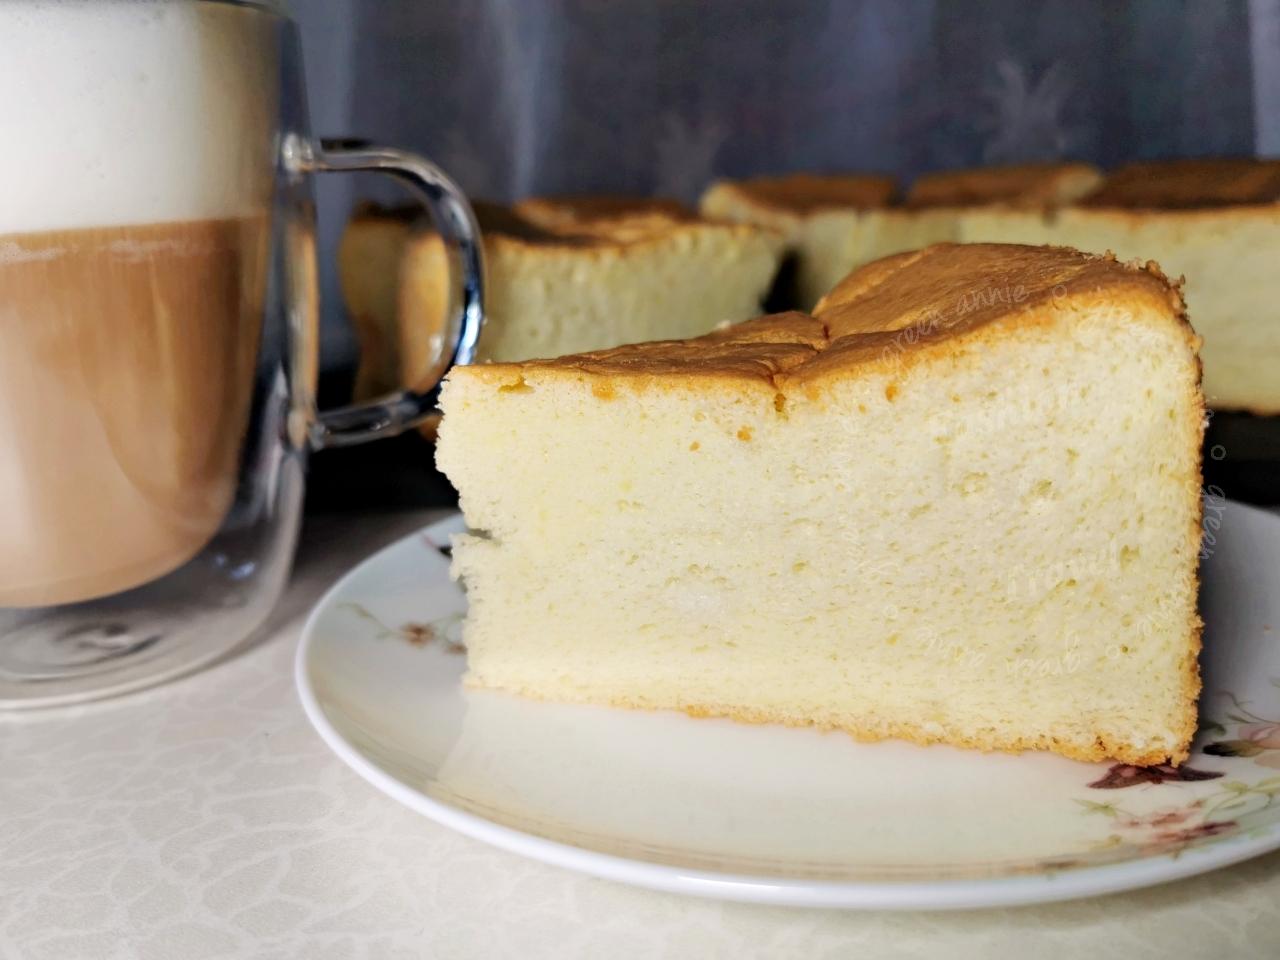 【烘焙日記】基礎原味戚風蛋糕食譜與作法和注意事項